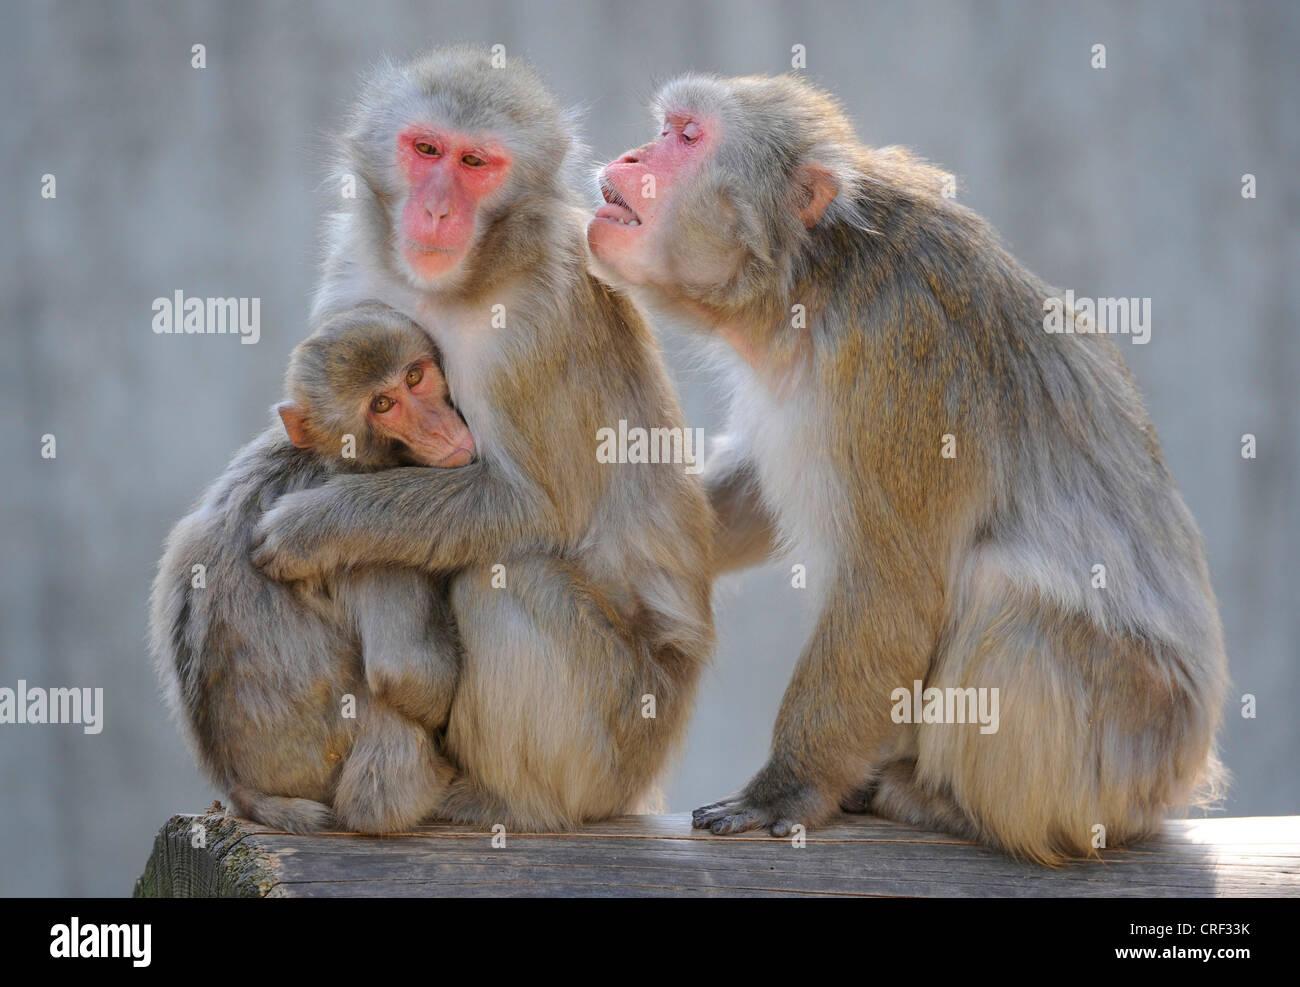 Macacos japoneses, mono de nieve (Macaca fuscata), tres personas Imagen De Stock